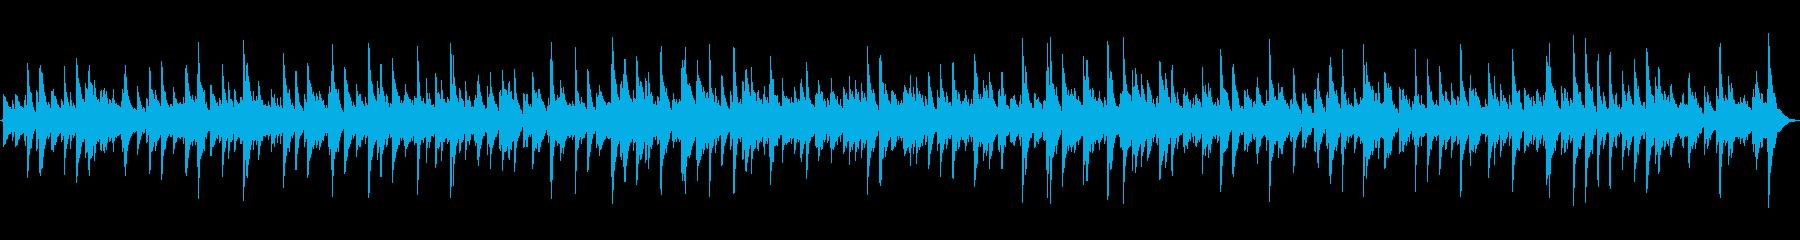 映画のワンシーンのようなピアノソロBGMの再生済みの波形